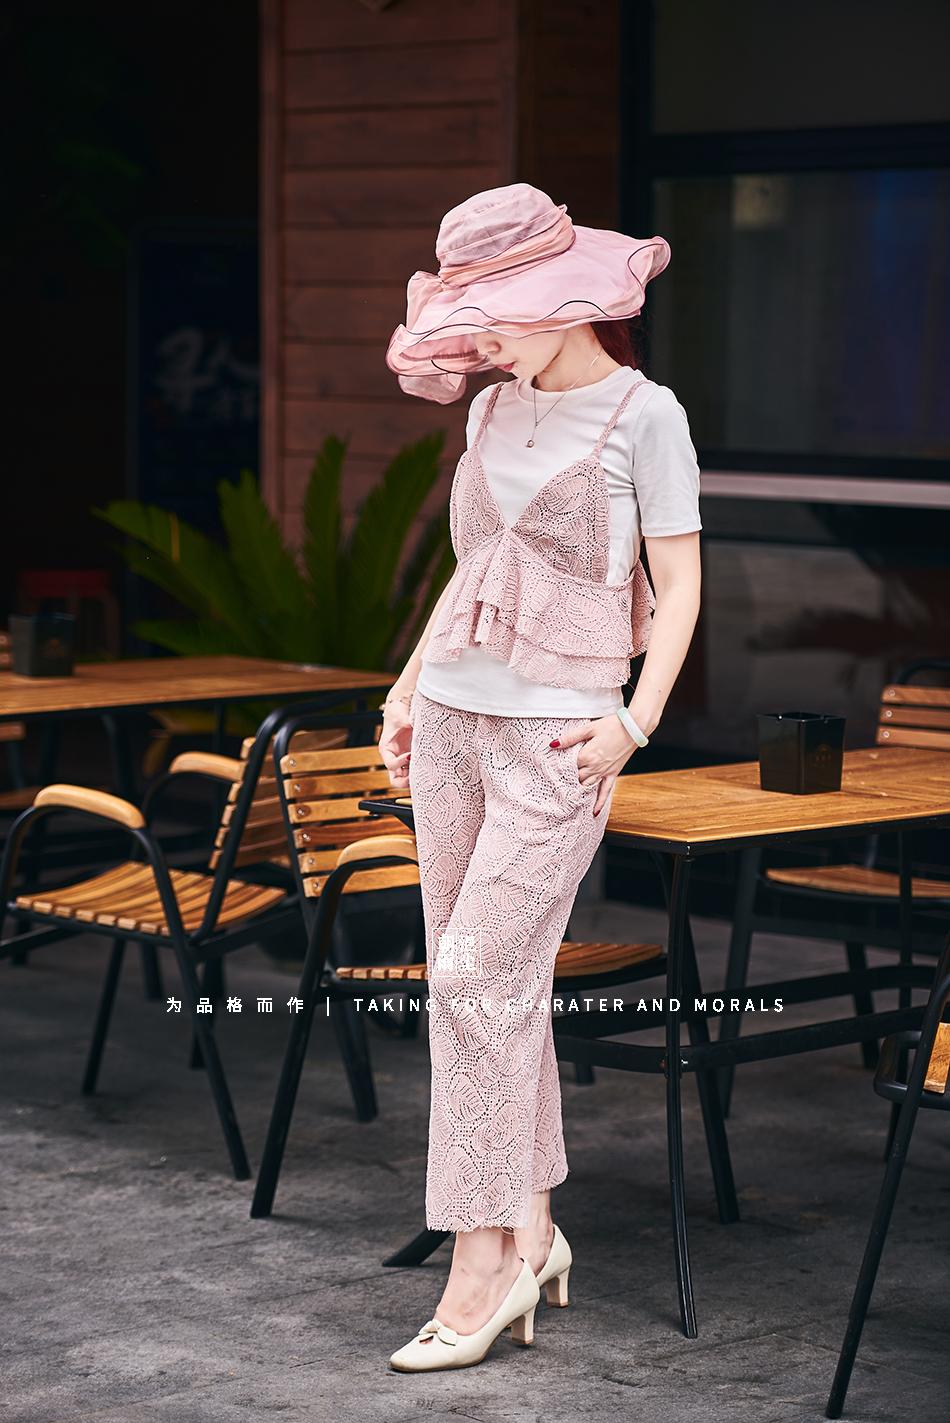 女装摄影-蕾丝粉色花裙套装09